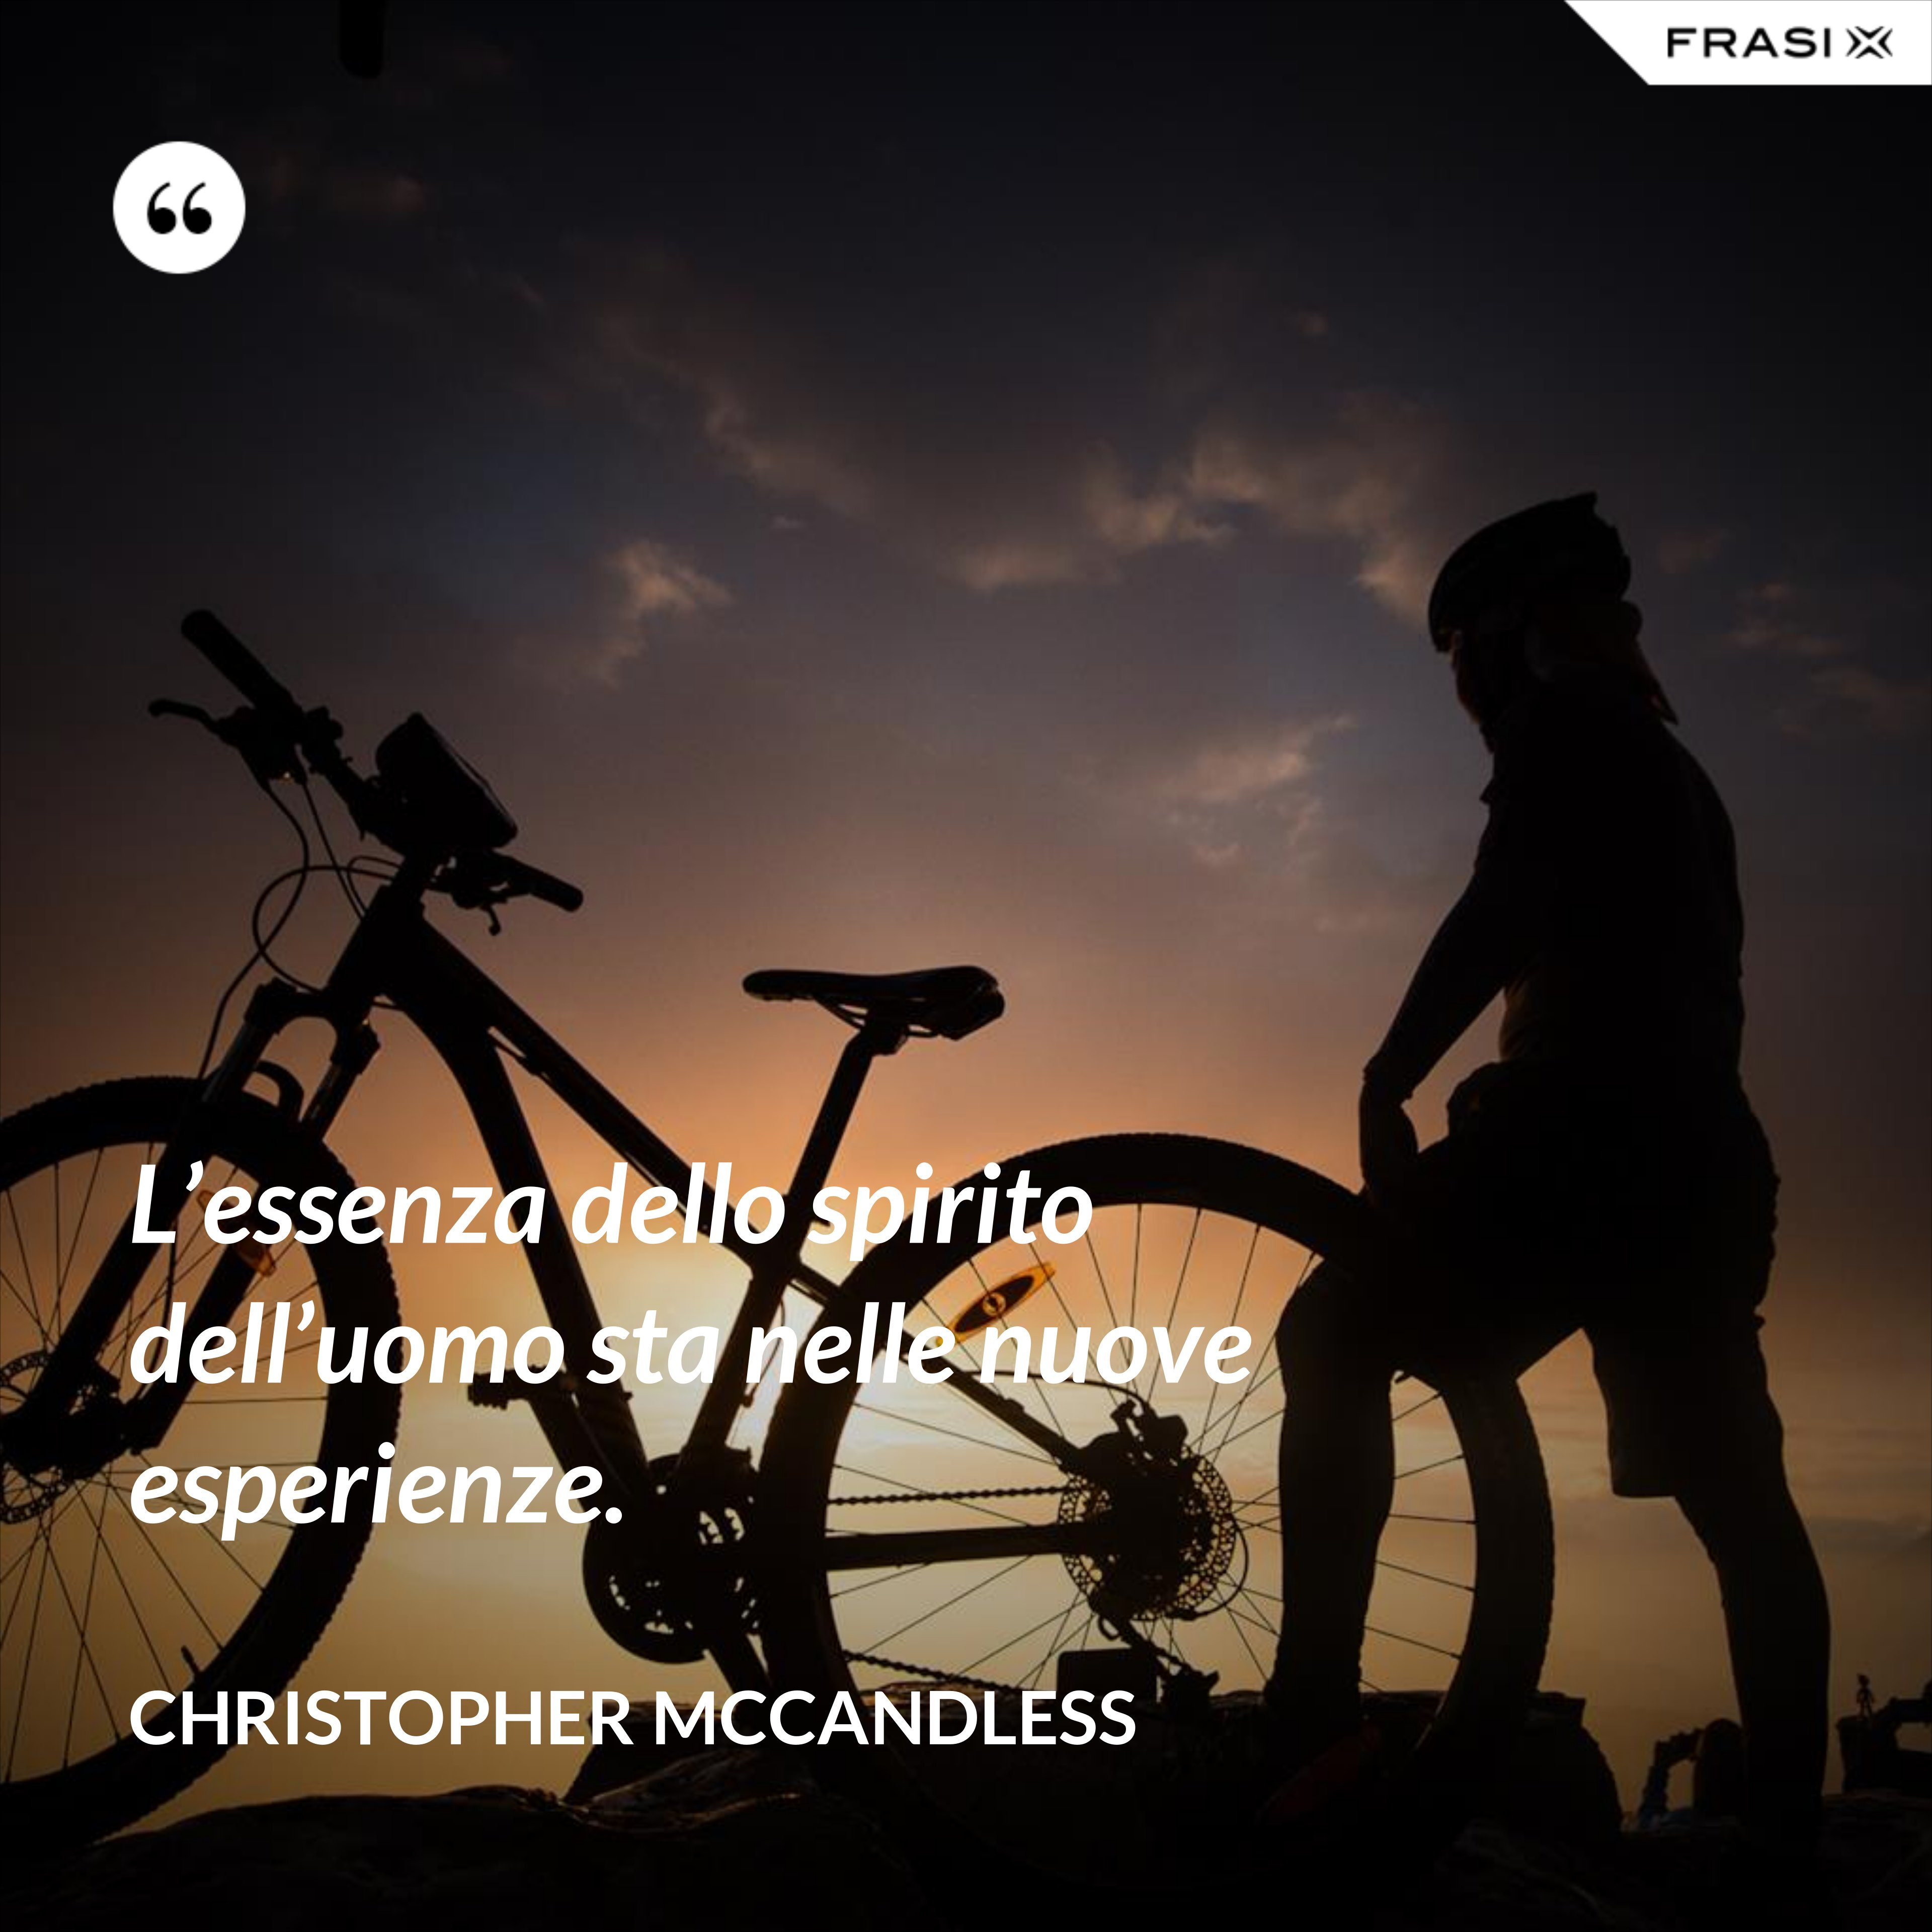 L'essenza dello spirito dell'uomo sta nelle nuove esperienze. - Christopher McCandless